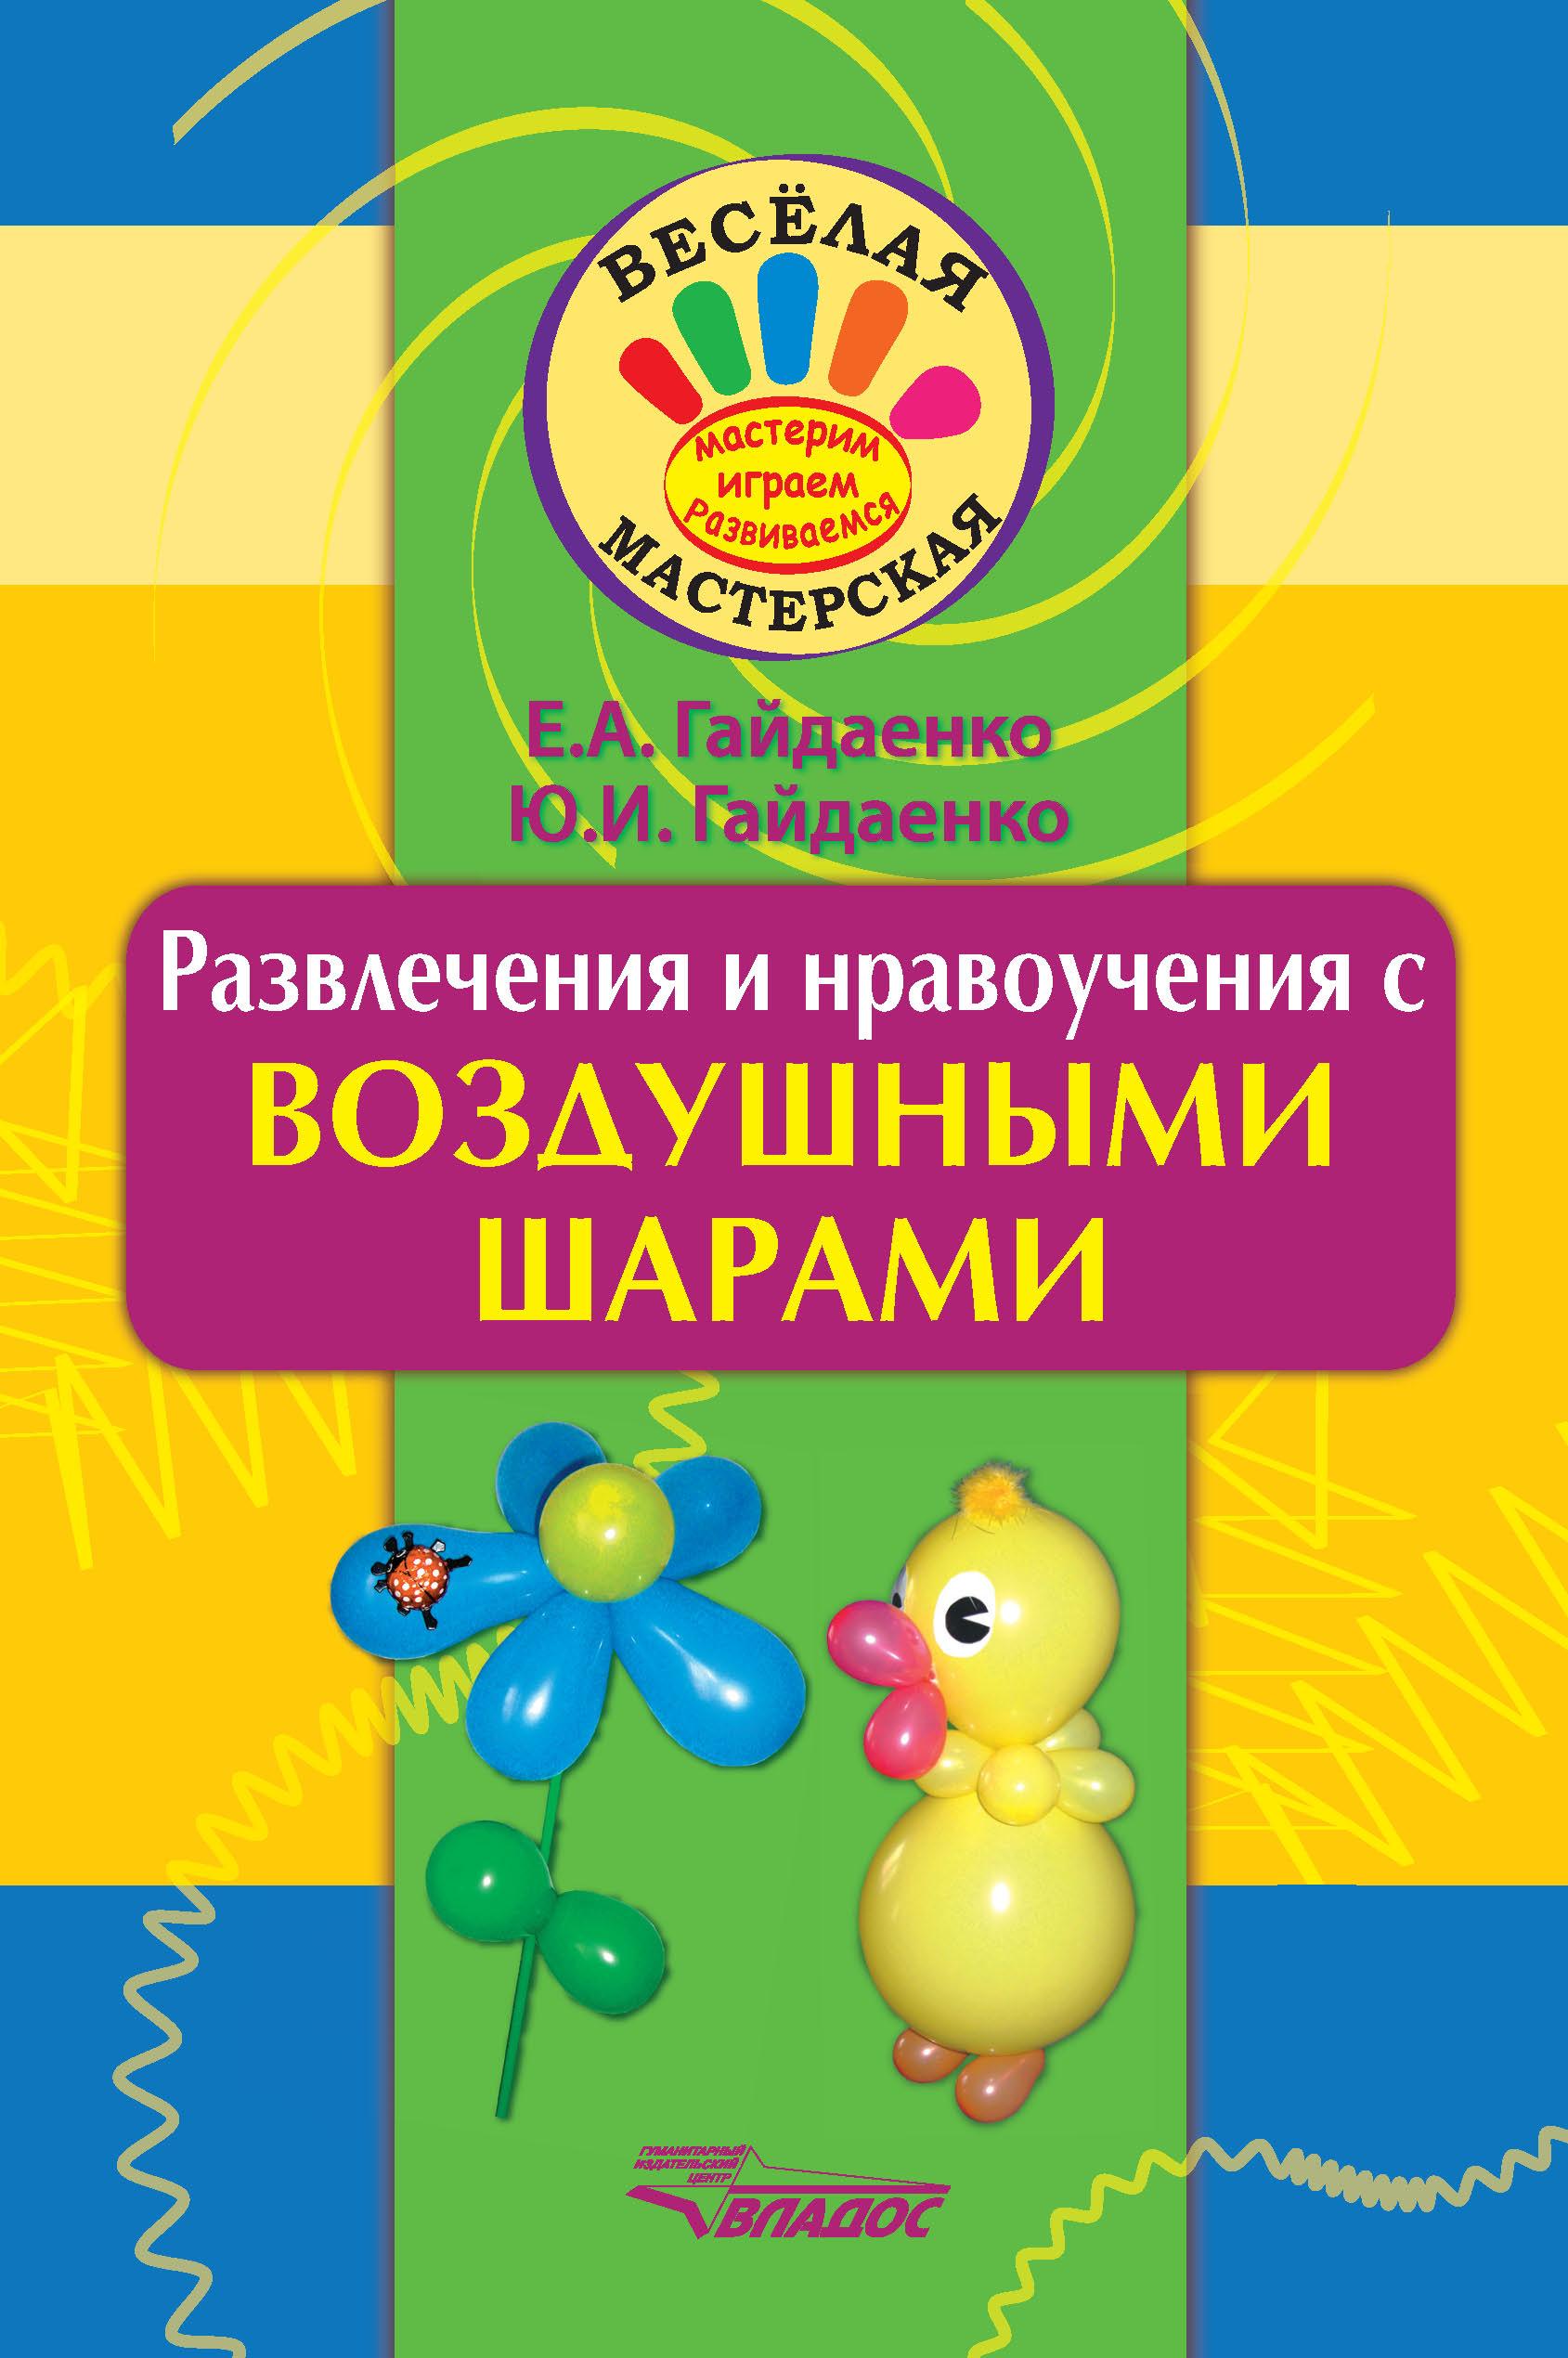 Е. А. Гайдаенко Развлечения и нравоучения с воздушными шарами досуг и развлечения